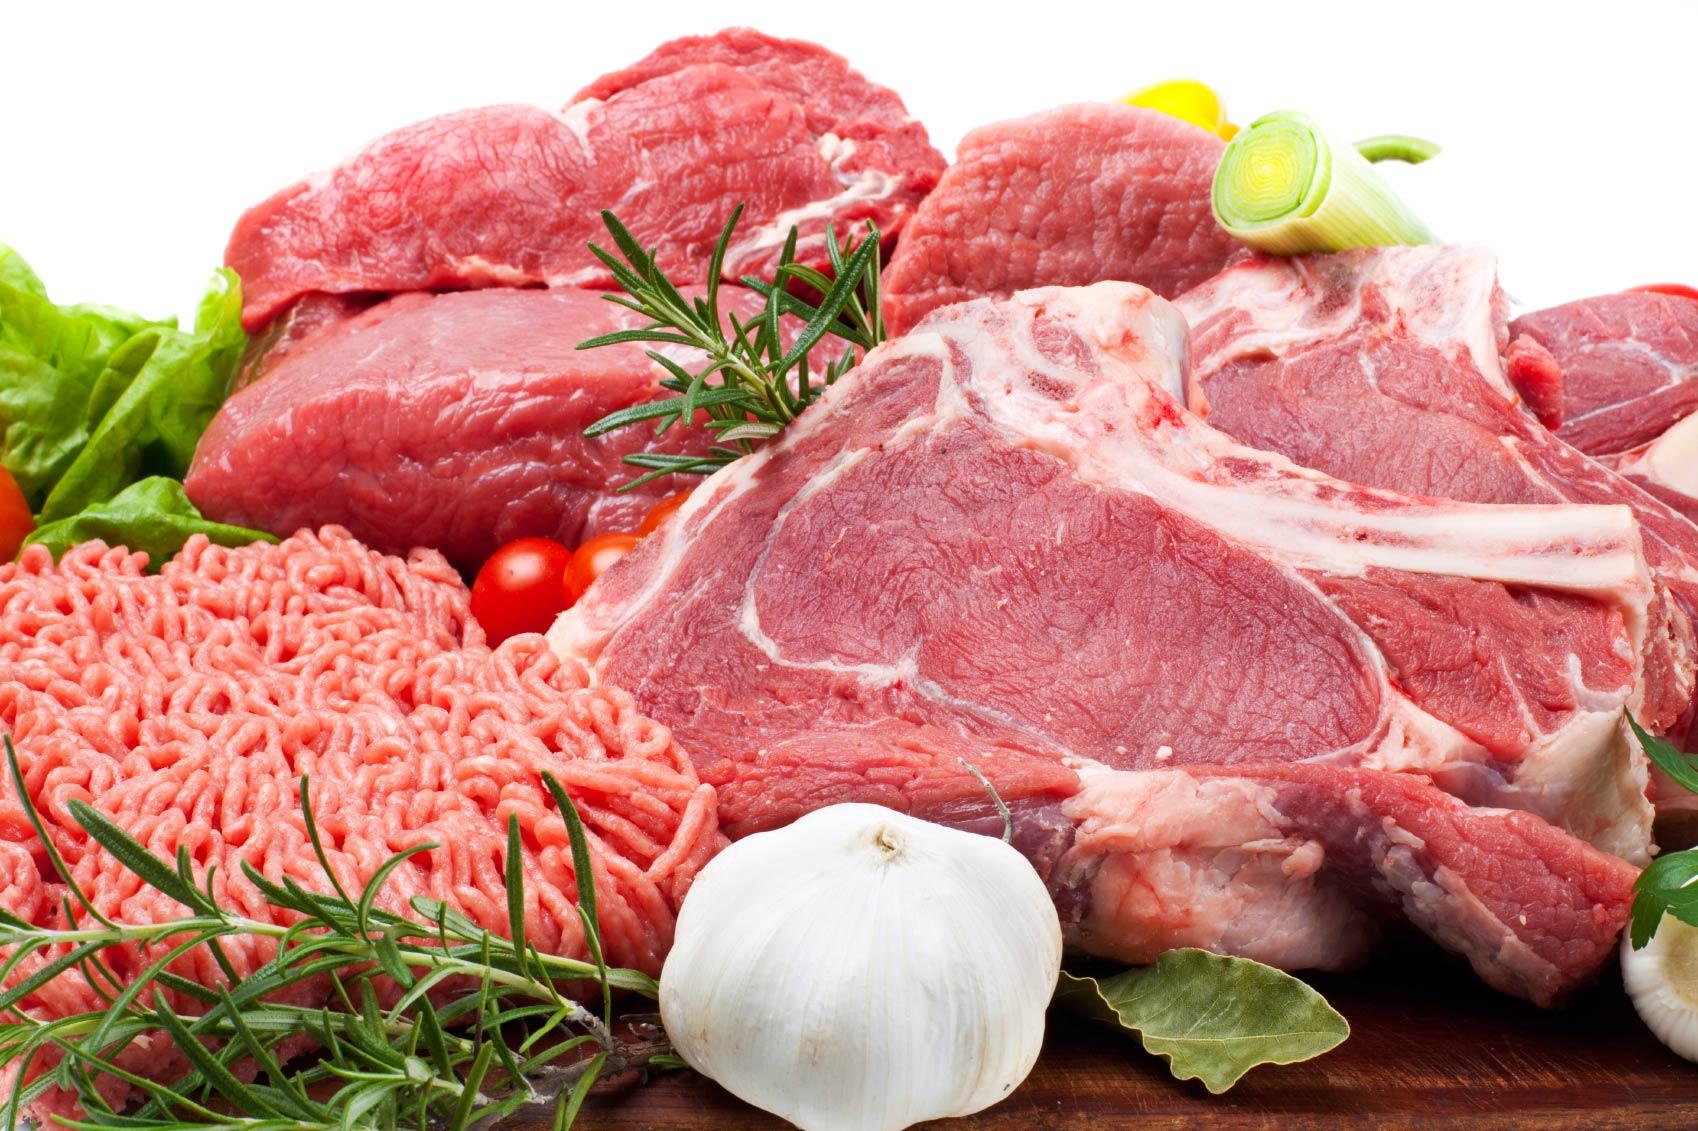 К чему снится есть мясо во сне по различным сонникам